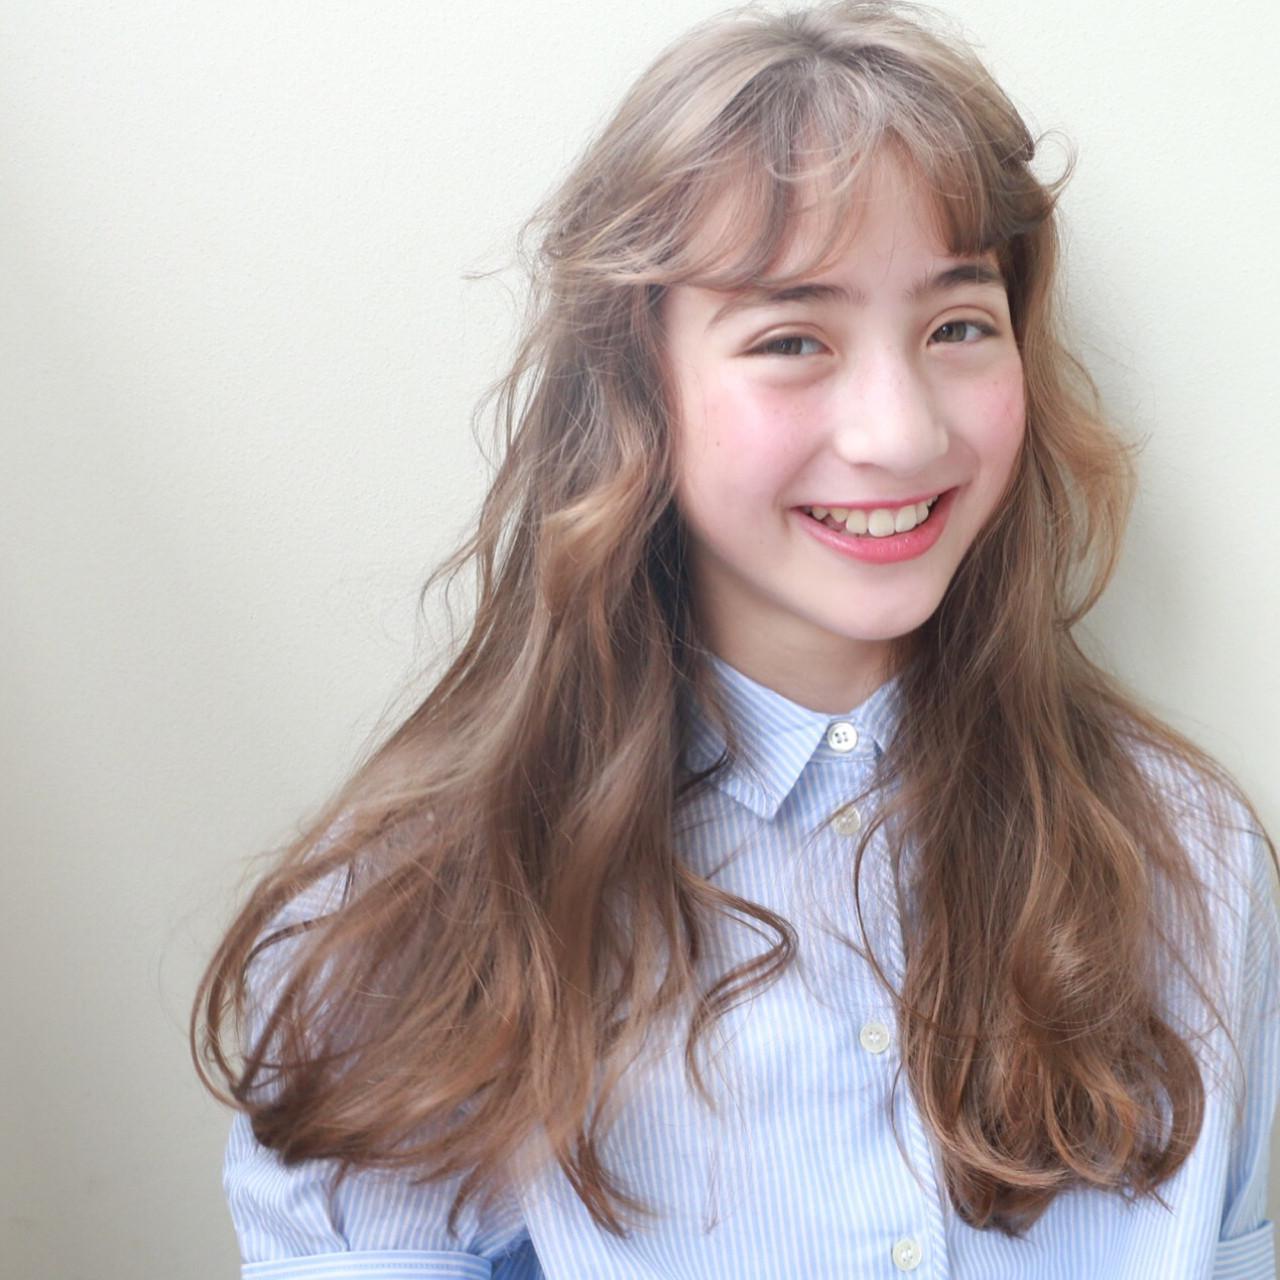 ハイトーン ロング 外国人風 前髪パーマ ヘアスタイルや髪型の写真・画像